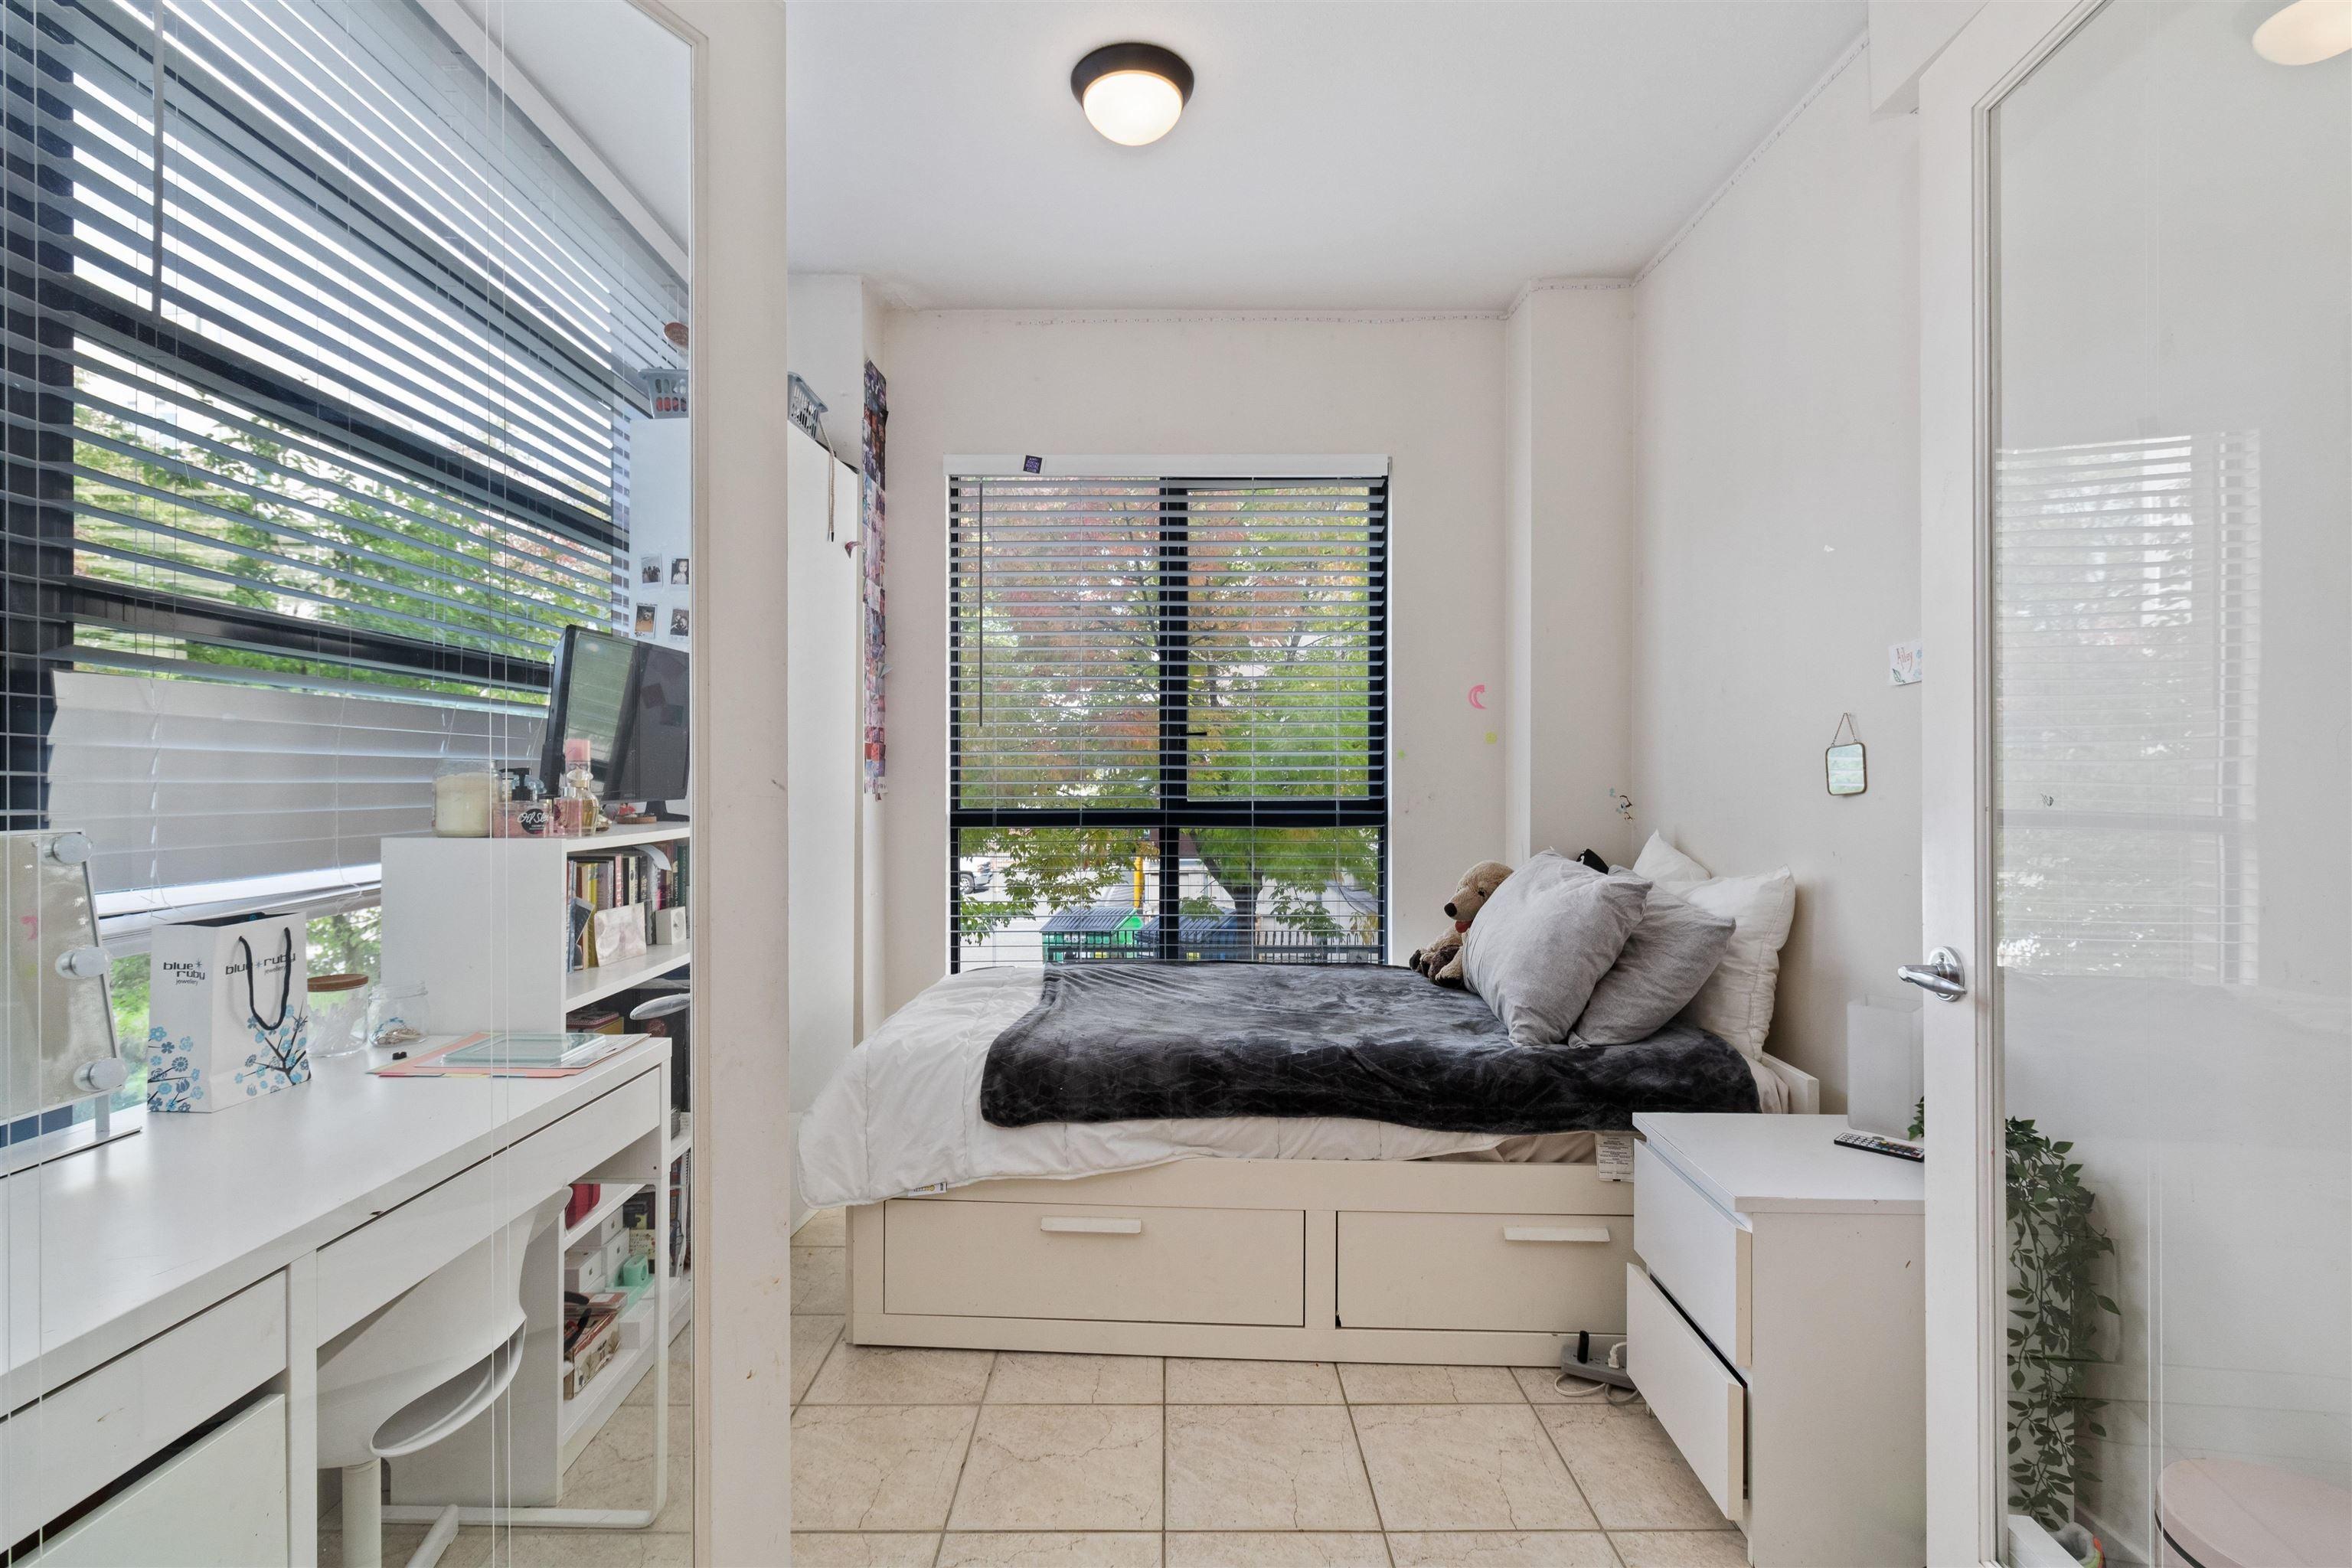 209 2228 MARSTRAND AVENUE - Kitsilano Apartment/Condo for sale, 1 Bedroom (R2617246) - #15